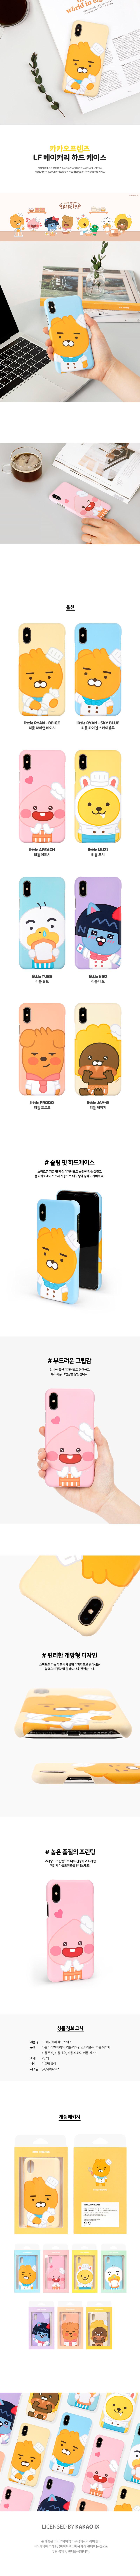 갤럭시노트10 플러스 카카오프렌즈 리틀 베이커리 슬림 하드 케이스 - 쓰리엑스, 14,500원, 케이스, 갤럭시 노트10+